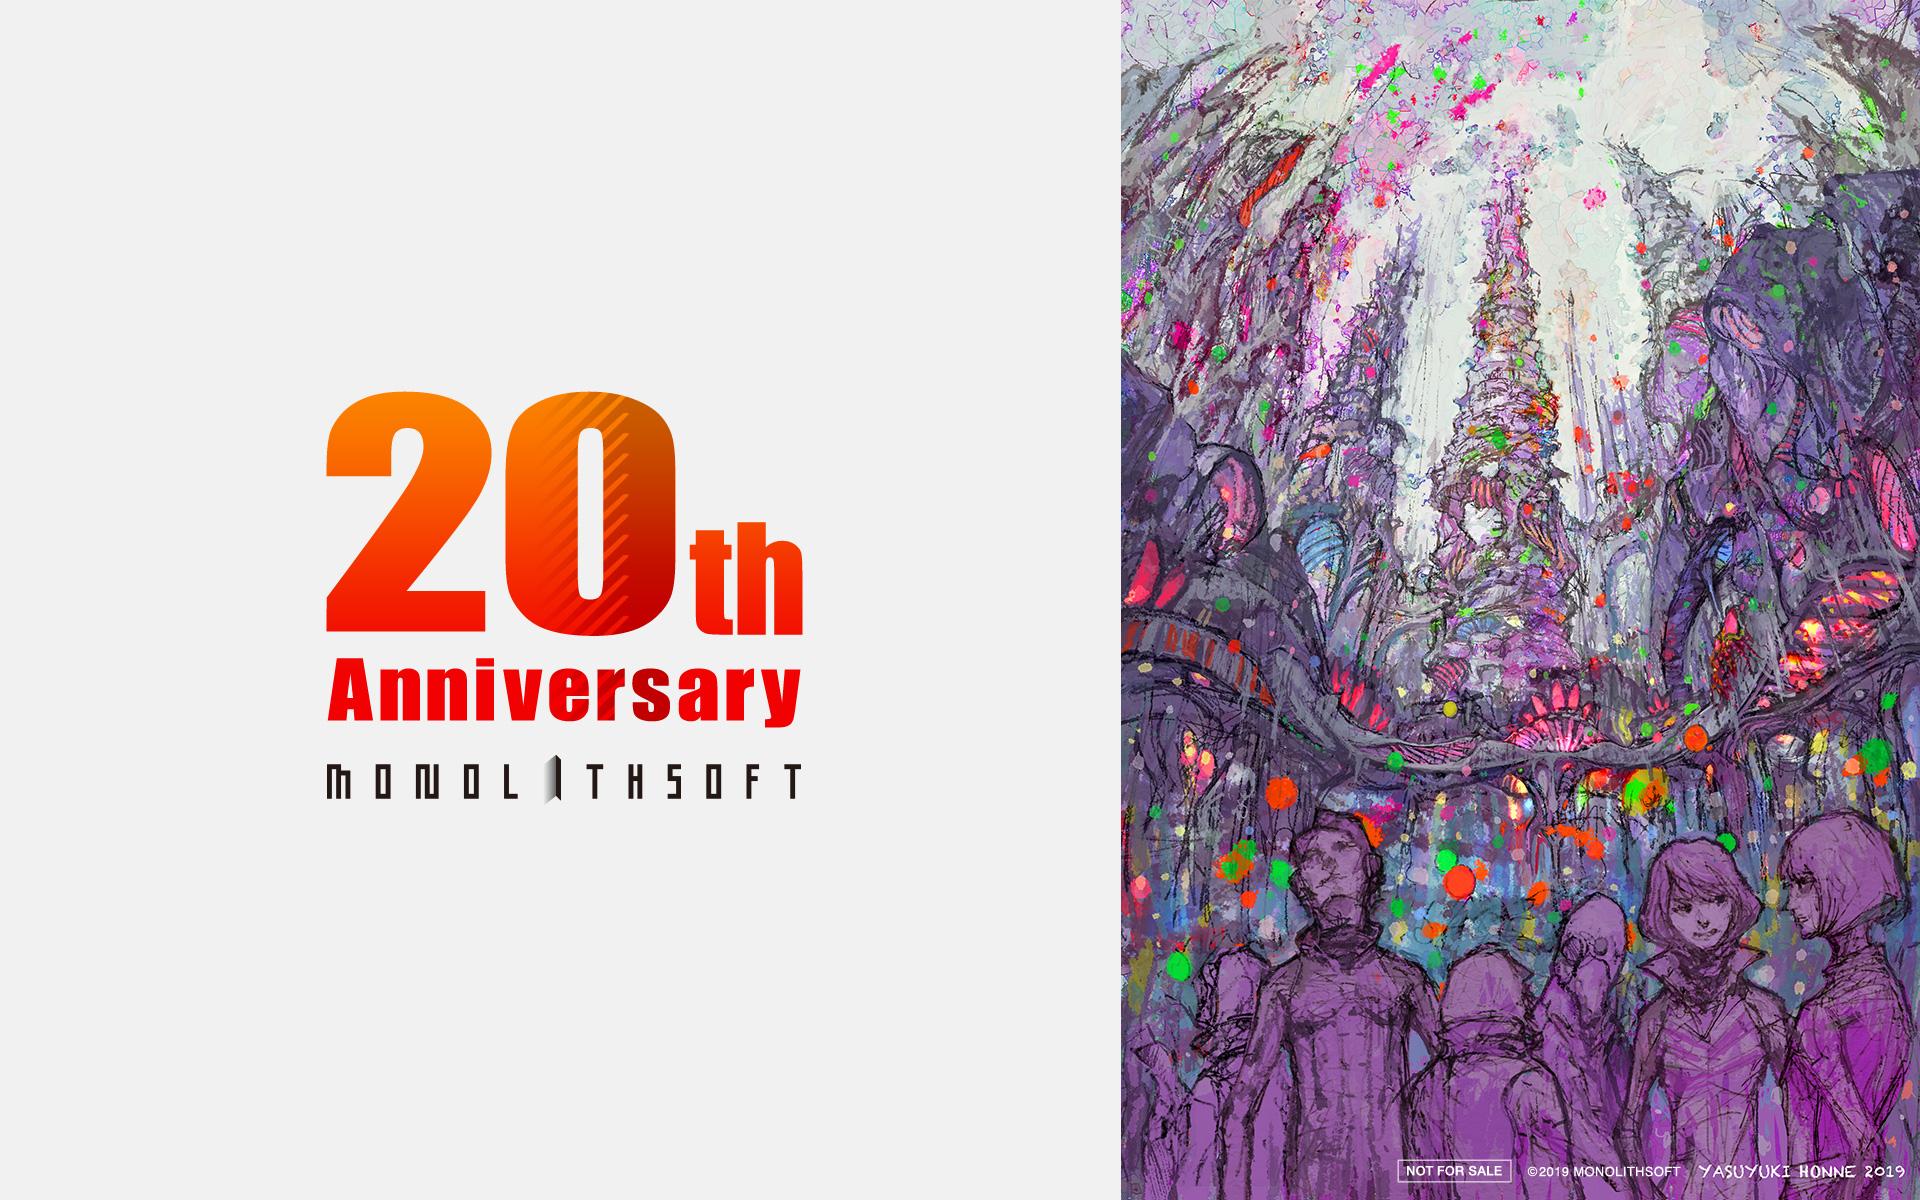 Monolith欢庆成立20周年!官方公布异度主题精美贺图